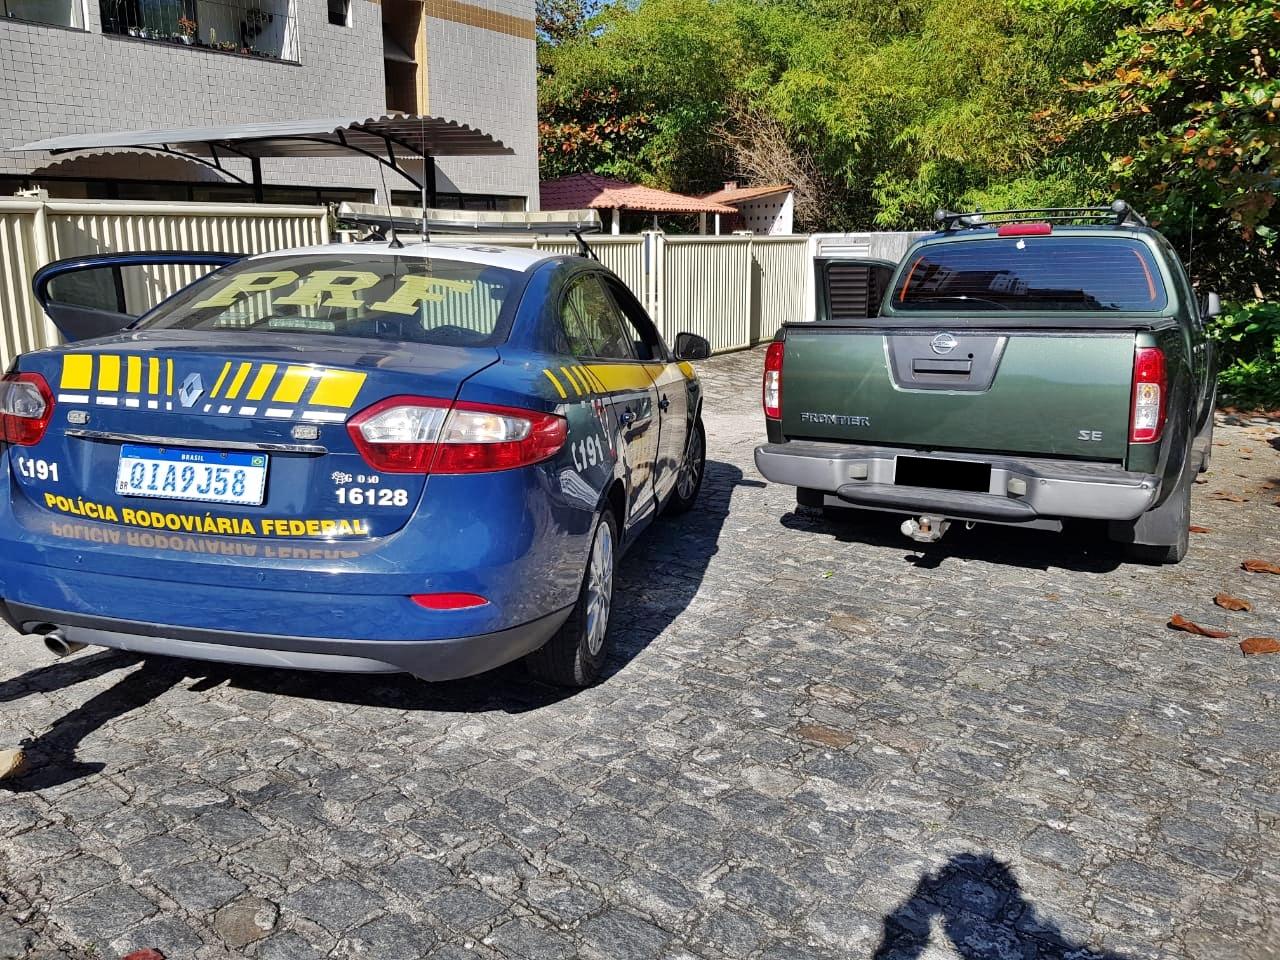 WhatsApp Image 2020 08 24 at 15.09.47 - PRF prende motorista embriagado e não habilitado após fuga e acidente de trânsito em João Pessoa